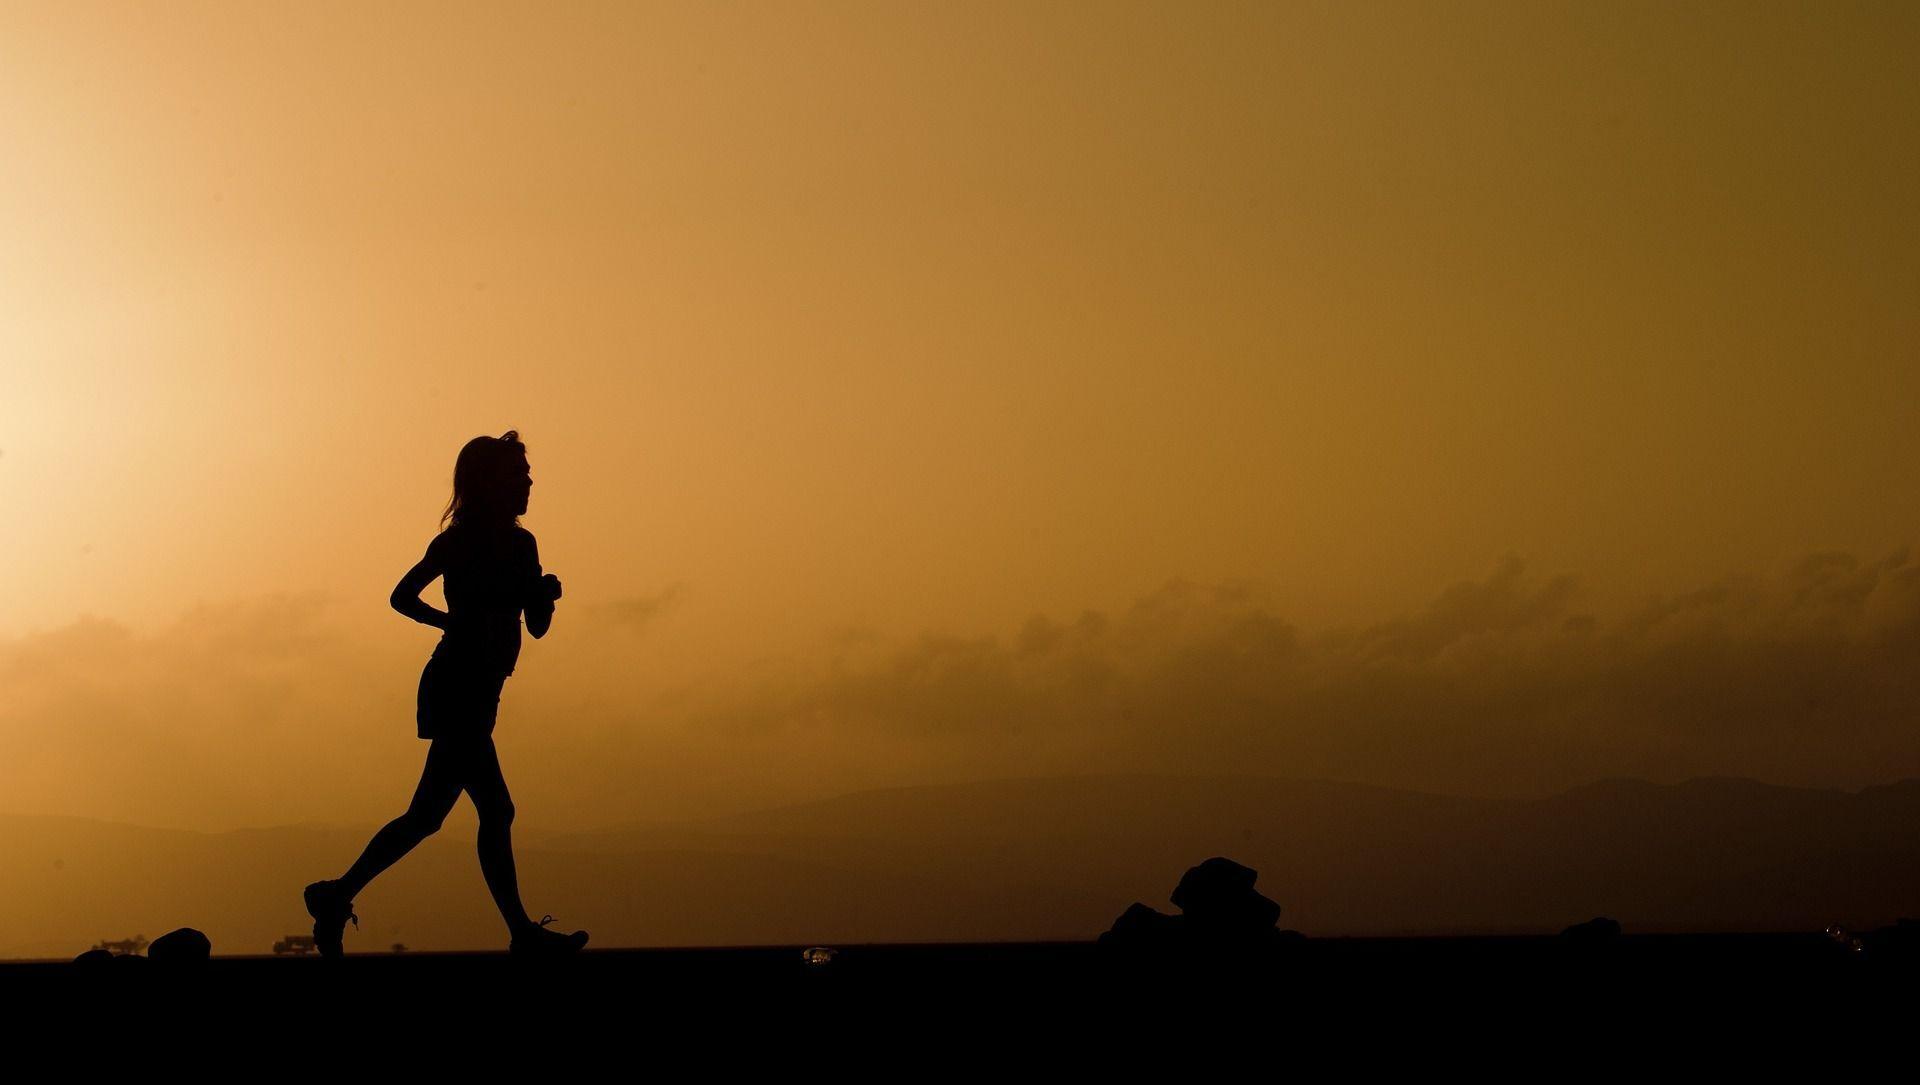 Une femme qui court - Sputnik France, 1920, 08.09.2021